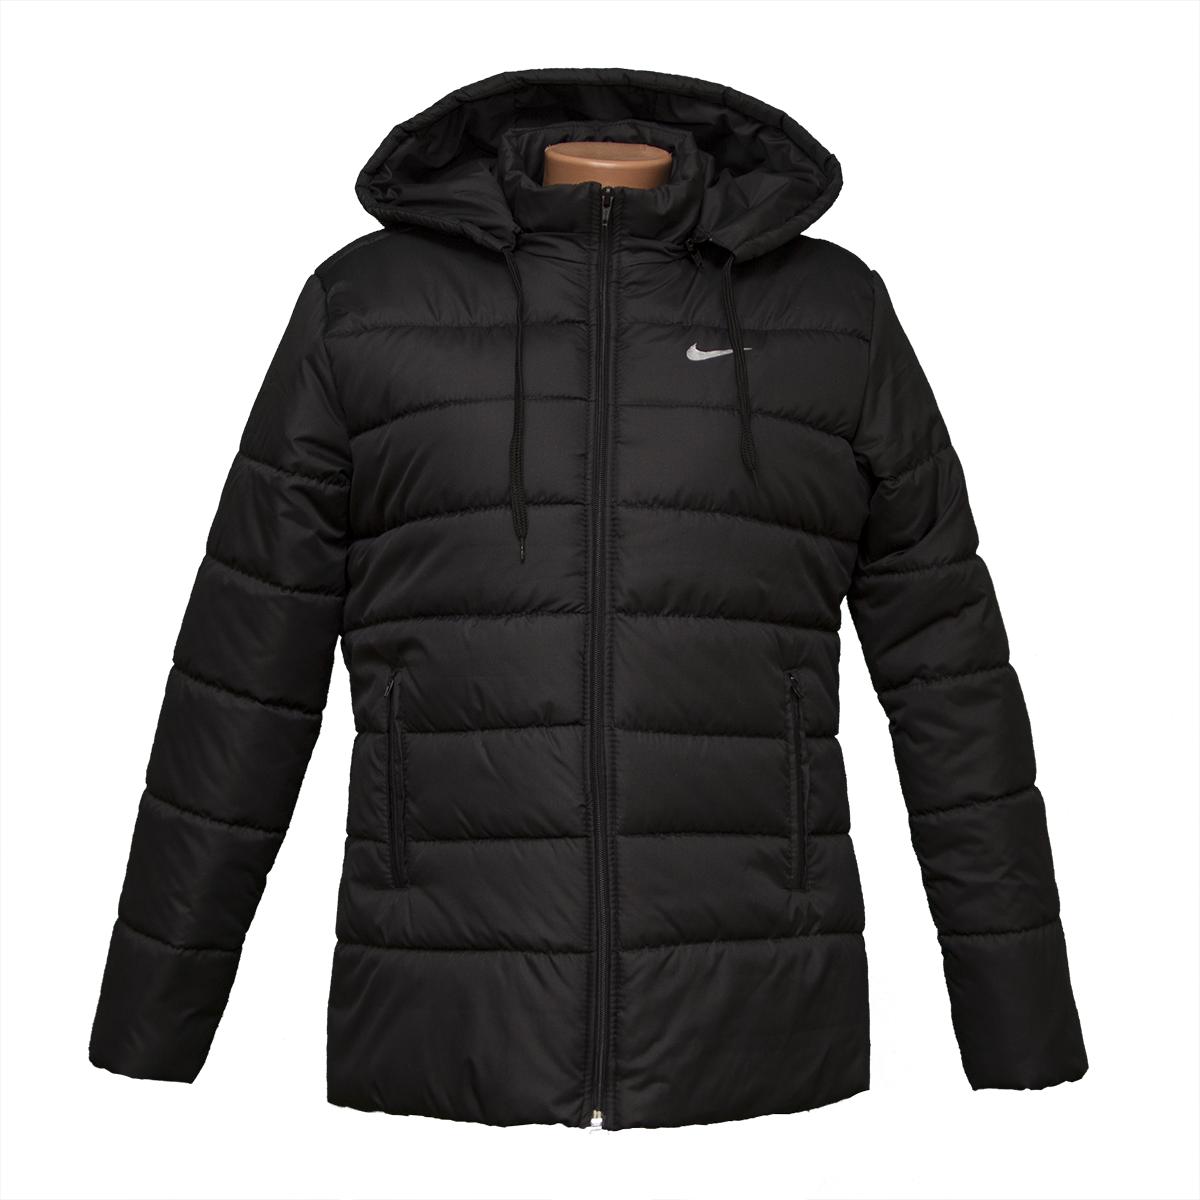 697d6a00d87 Куртка женская черная интернет магазин K1225 оптом и в розницу ...